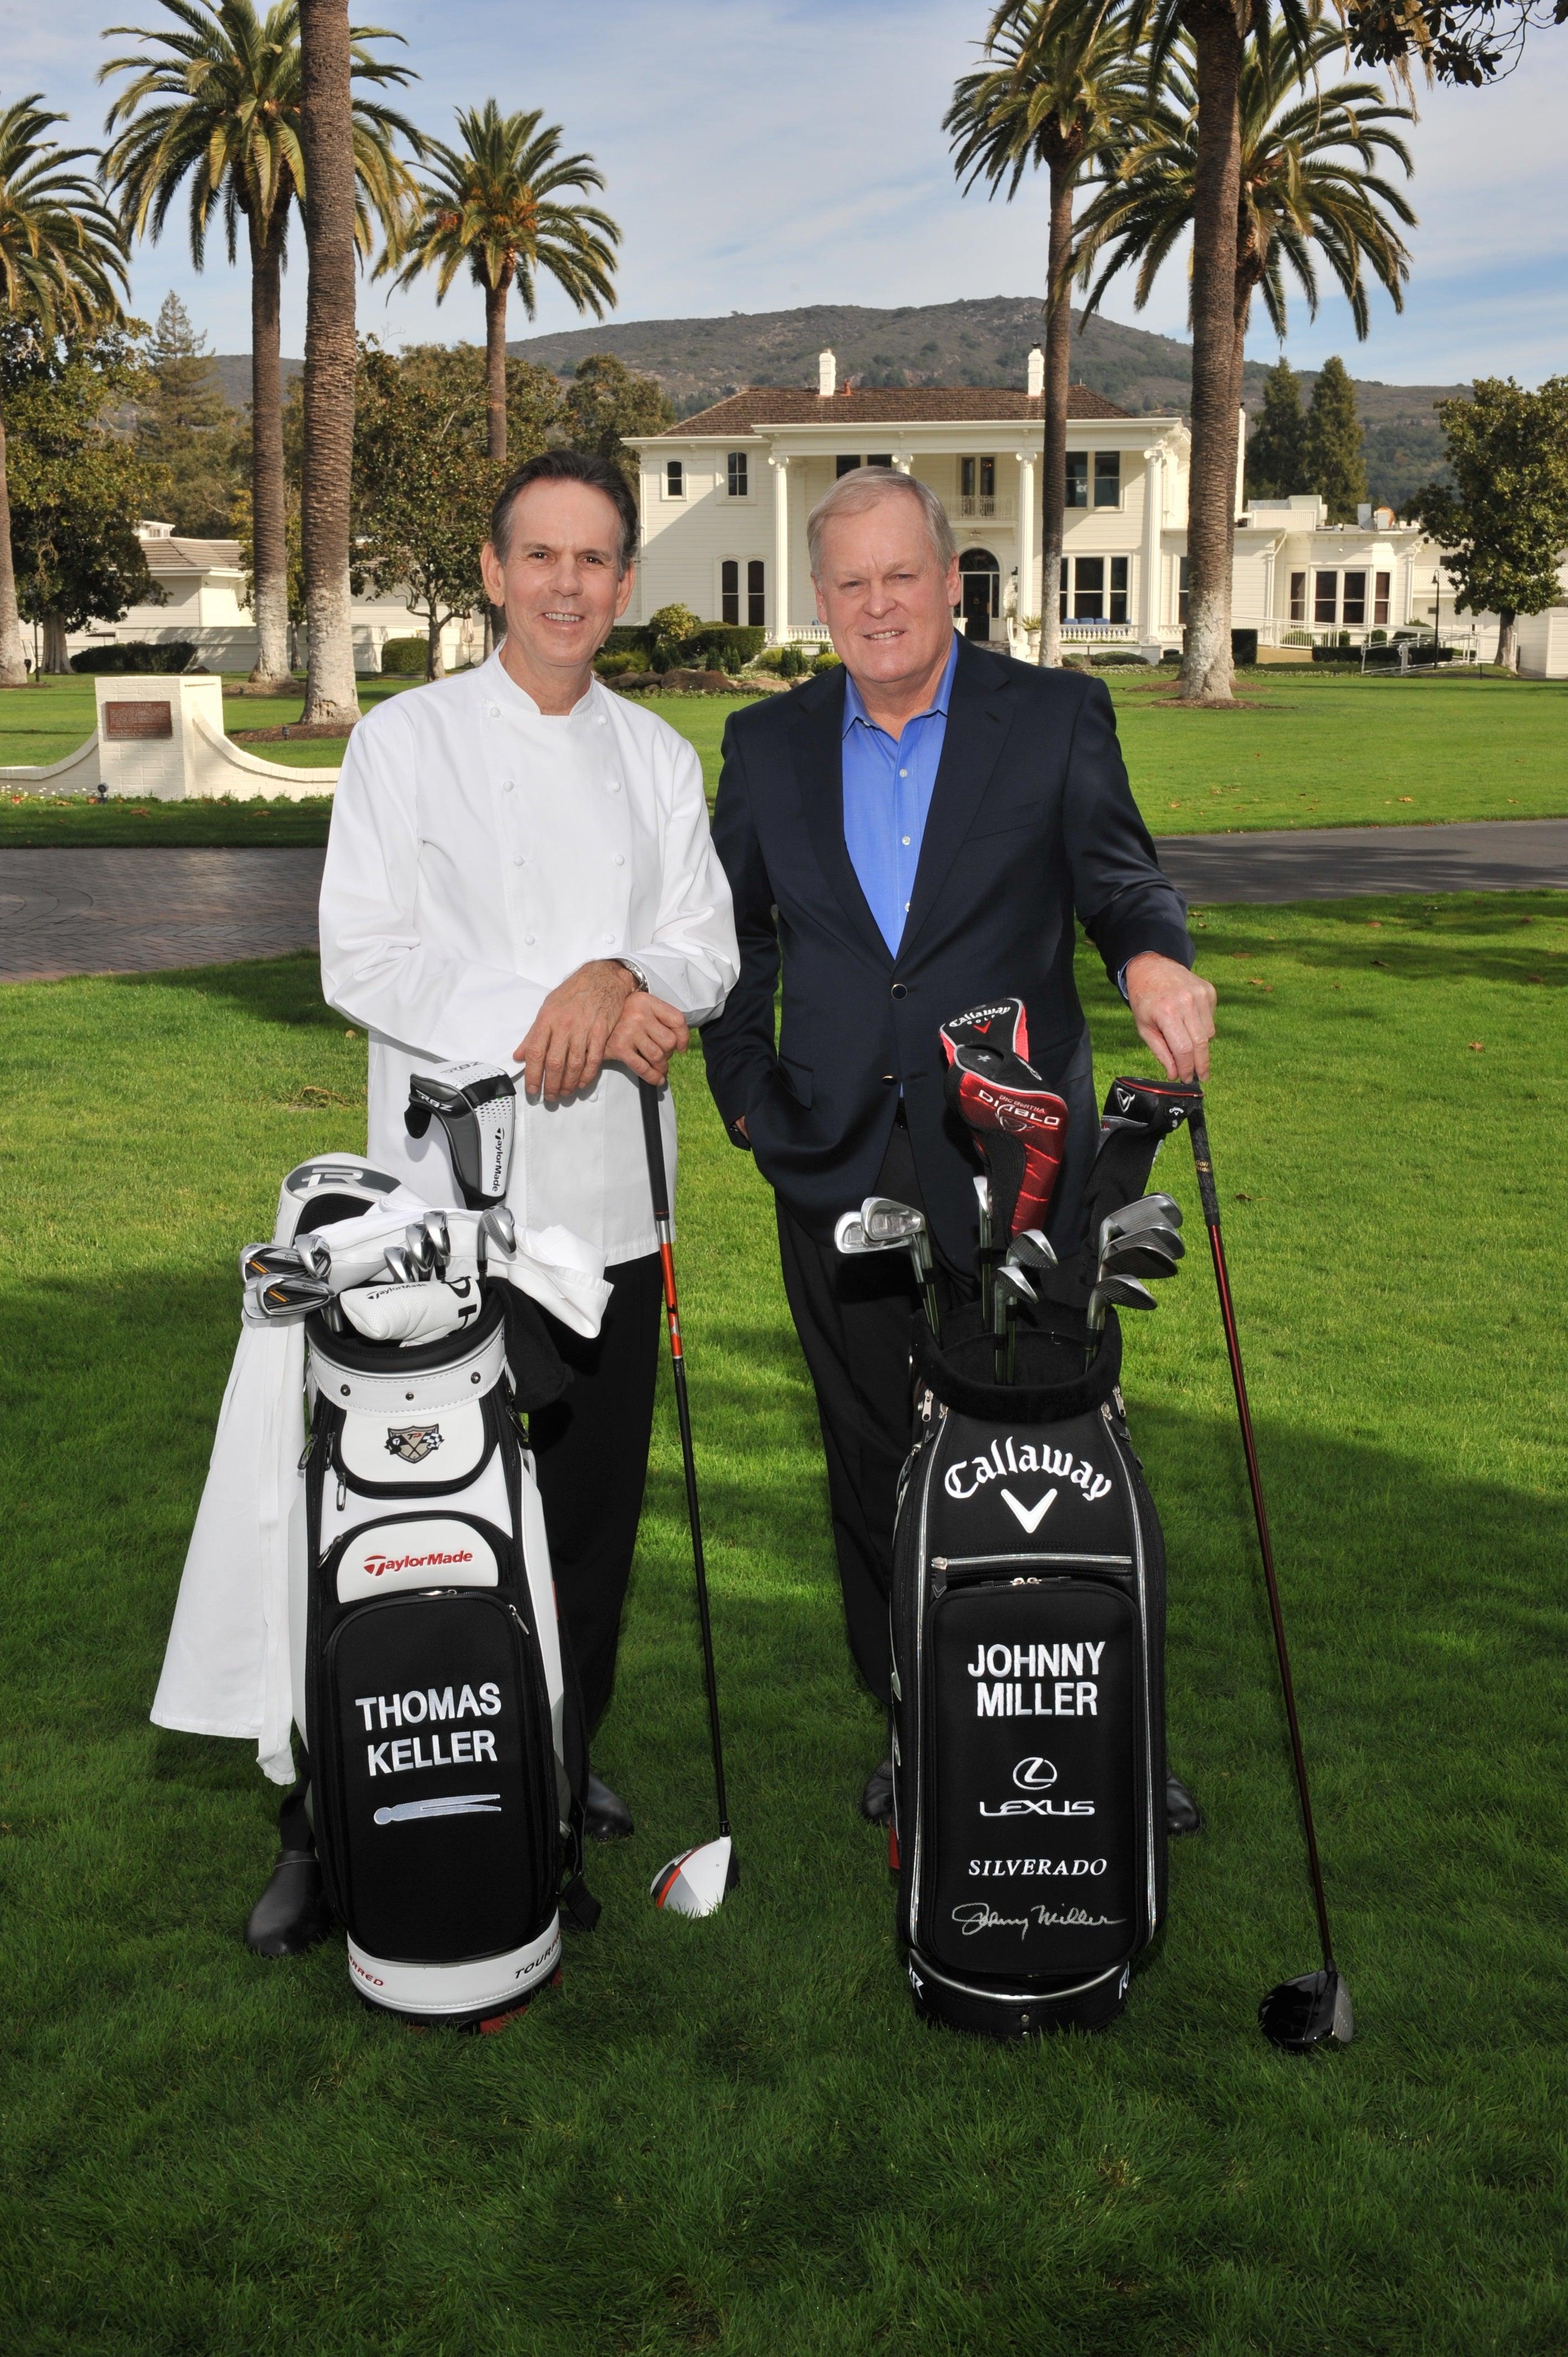 Thomas Keller_and_Johnny_Miller_ Silverado_Resort_and_Spa.jpg